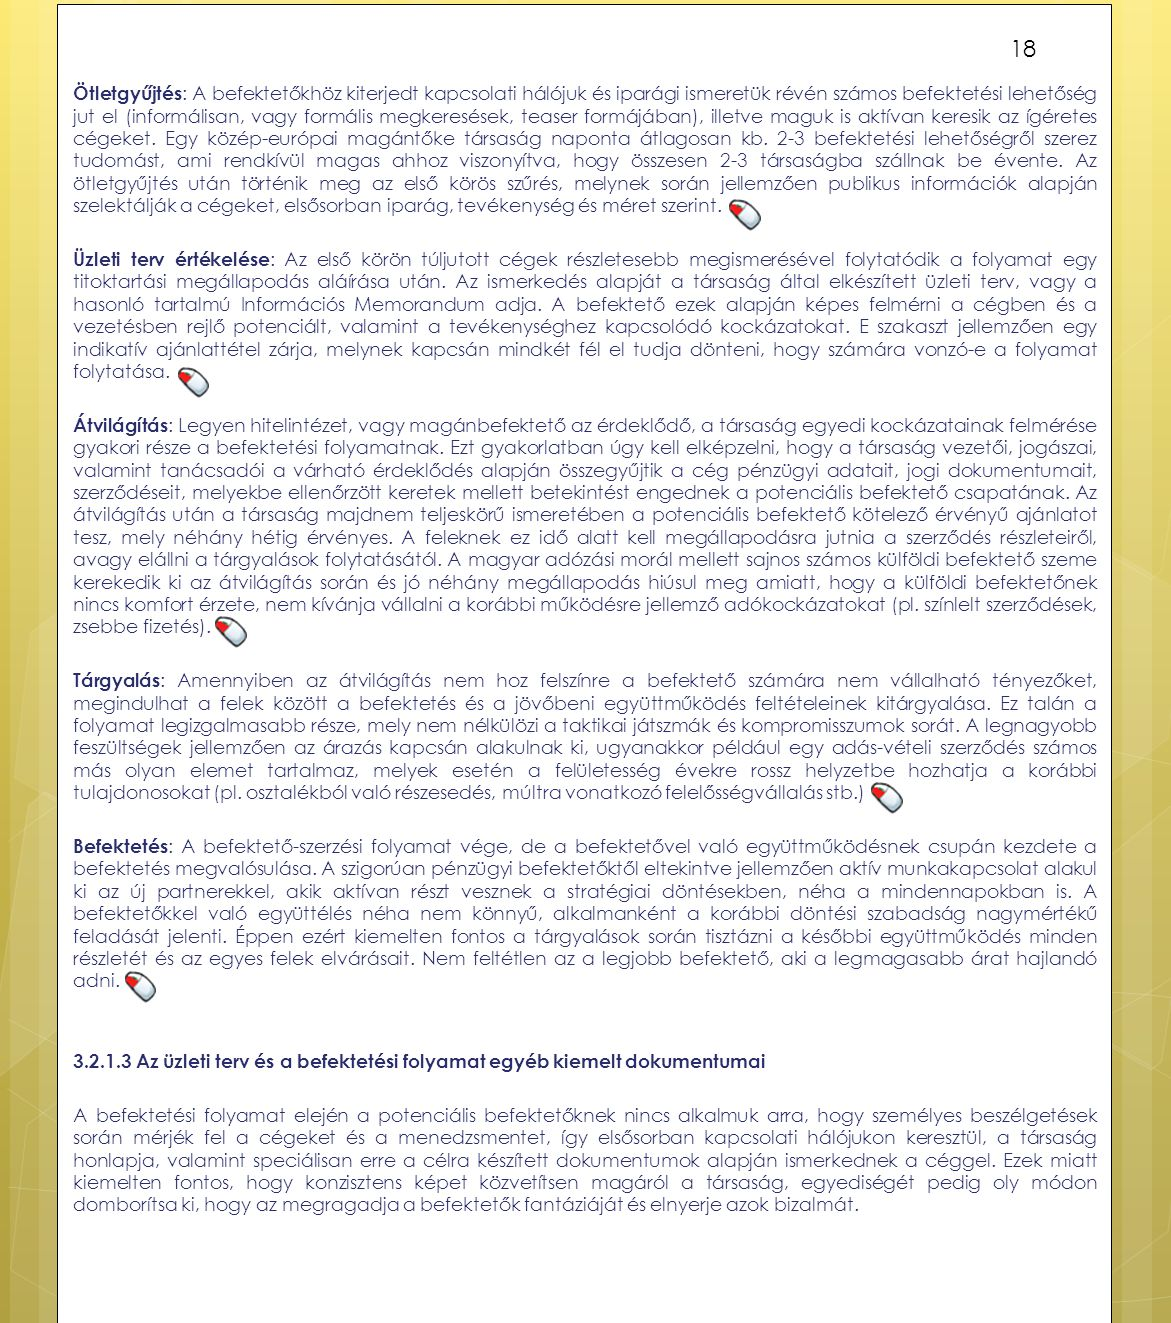 Ötletgyűjtés : A befektetőkhöz kiterjedt kapcsolati hálójuk és iparági ismeretük révén számos befektetési lehetőség jut el (informálisan, vagy formáli